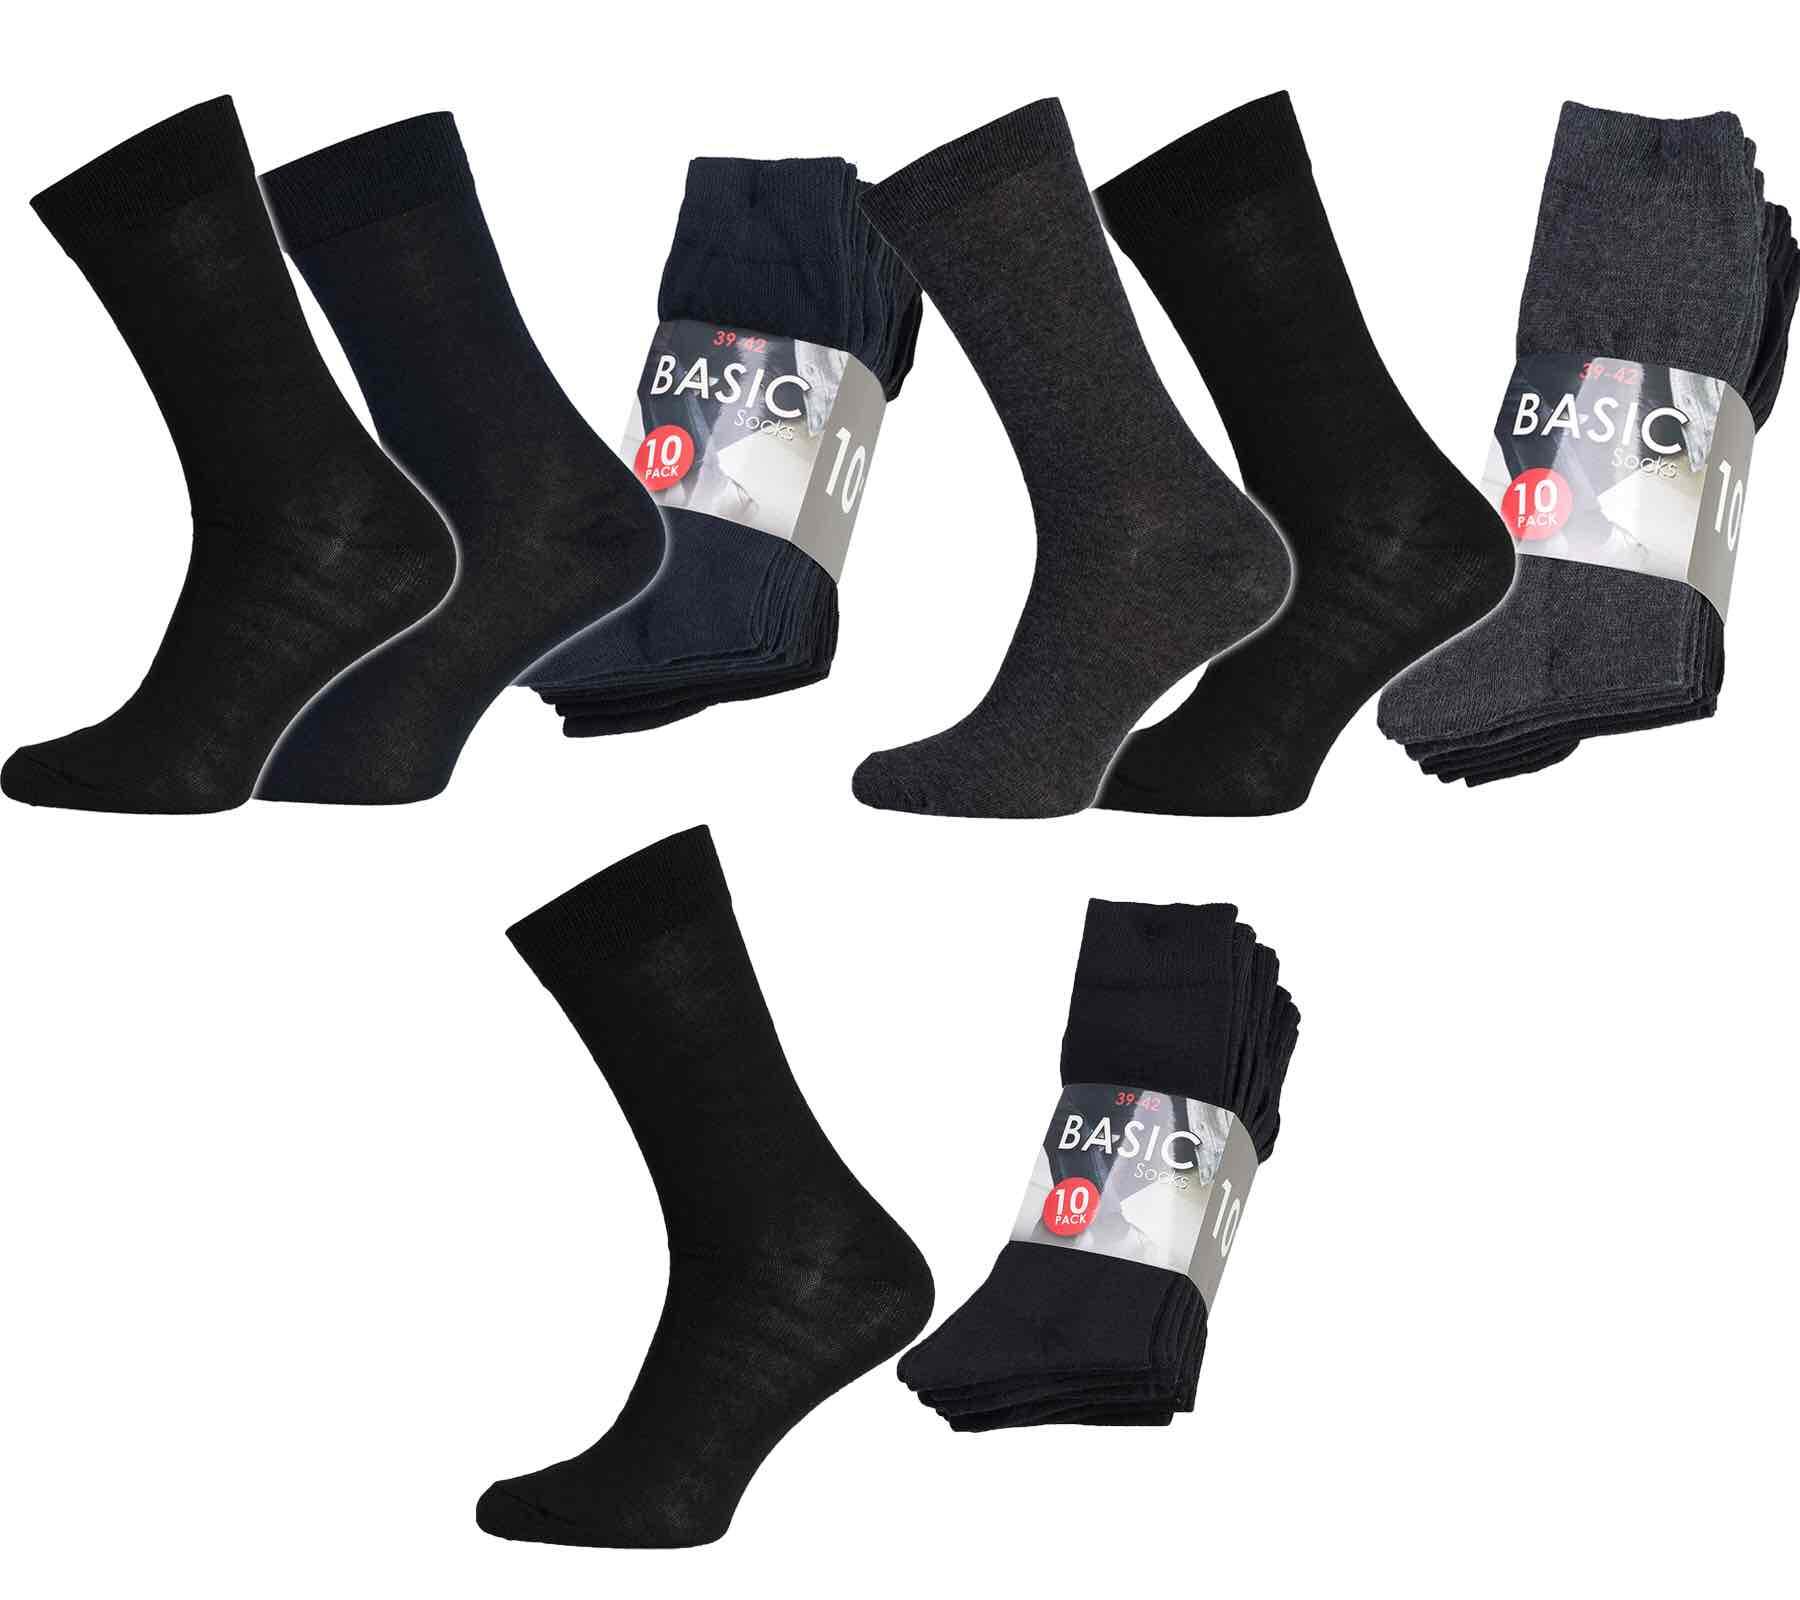 10 Paar Basic Socken für 4,99€ inklusive Versand